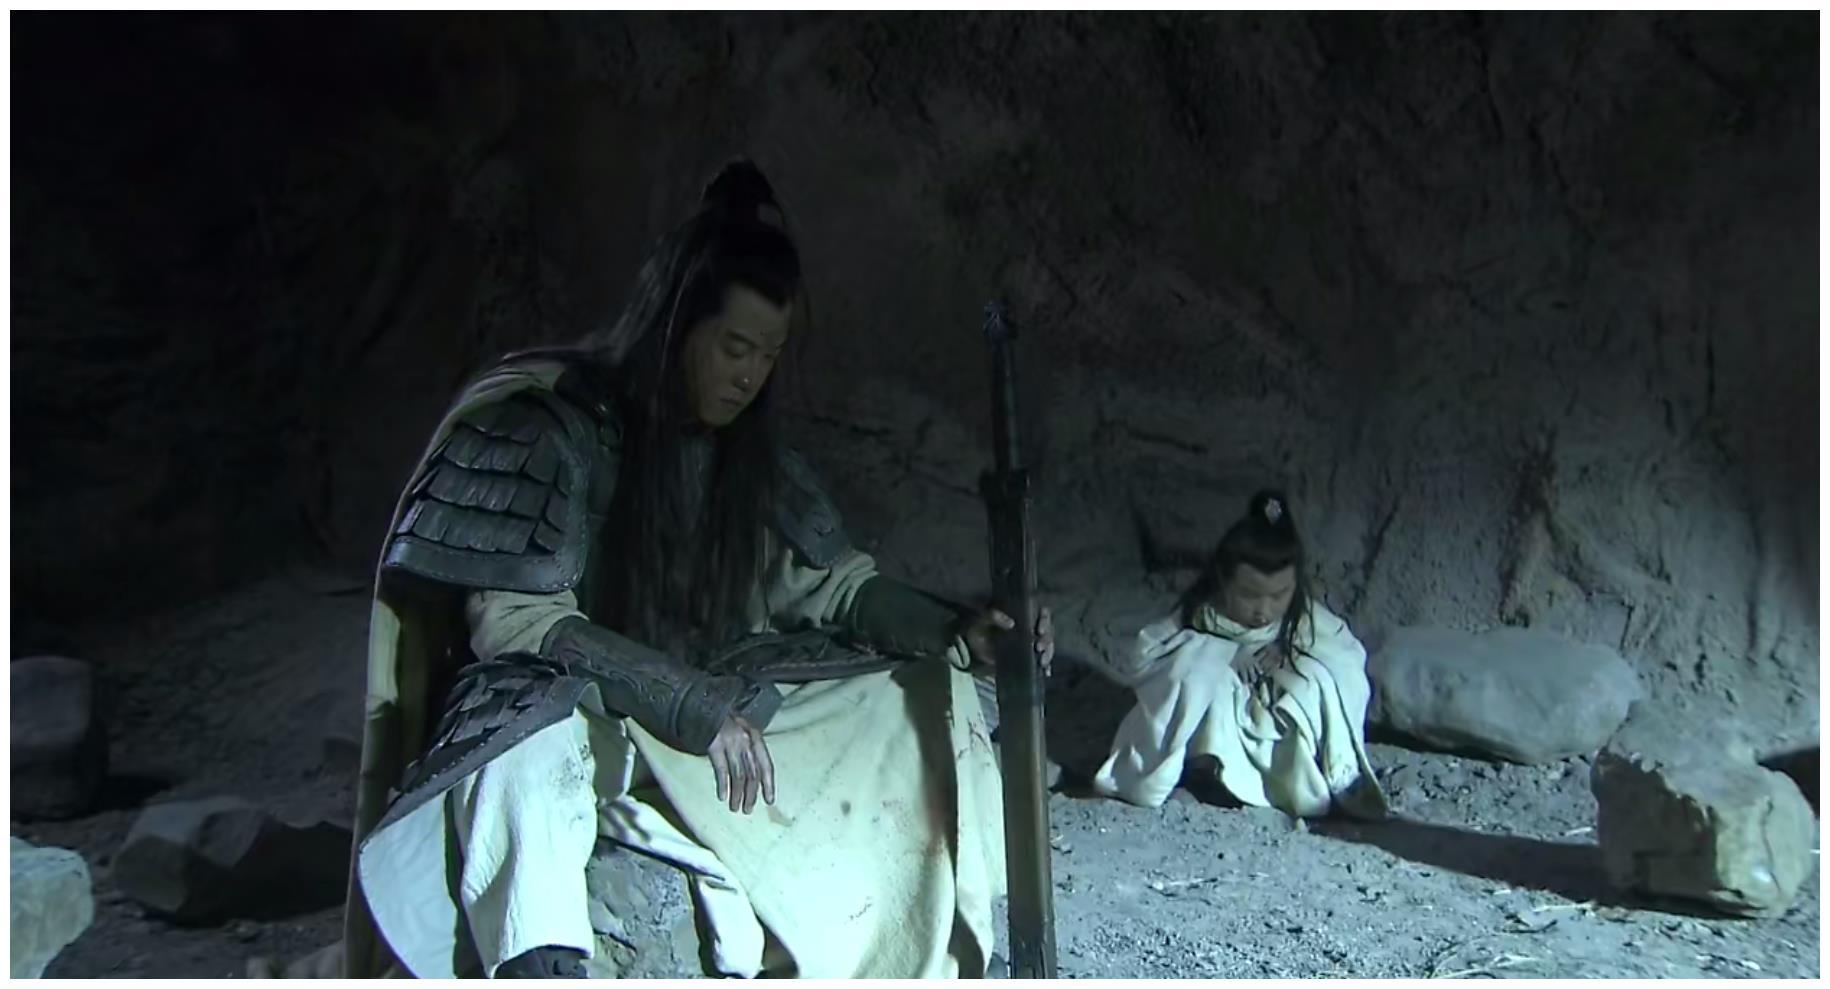 三国演义07:吕布表白貂蝉,王允开心万分,不愧为史上第一间谍